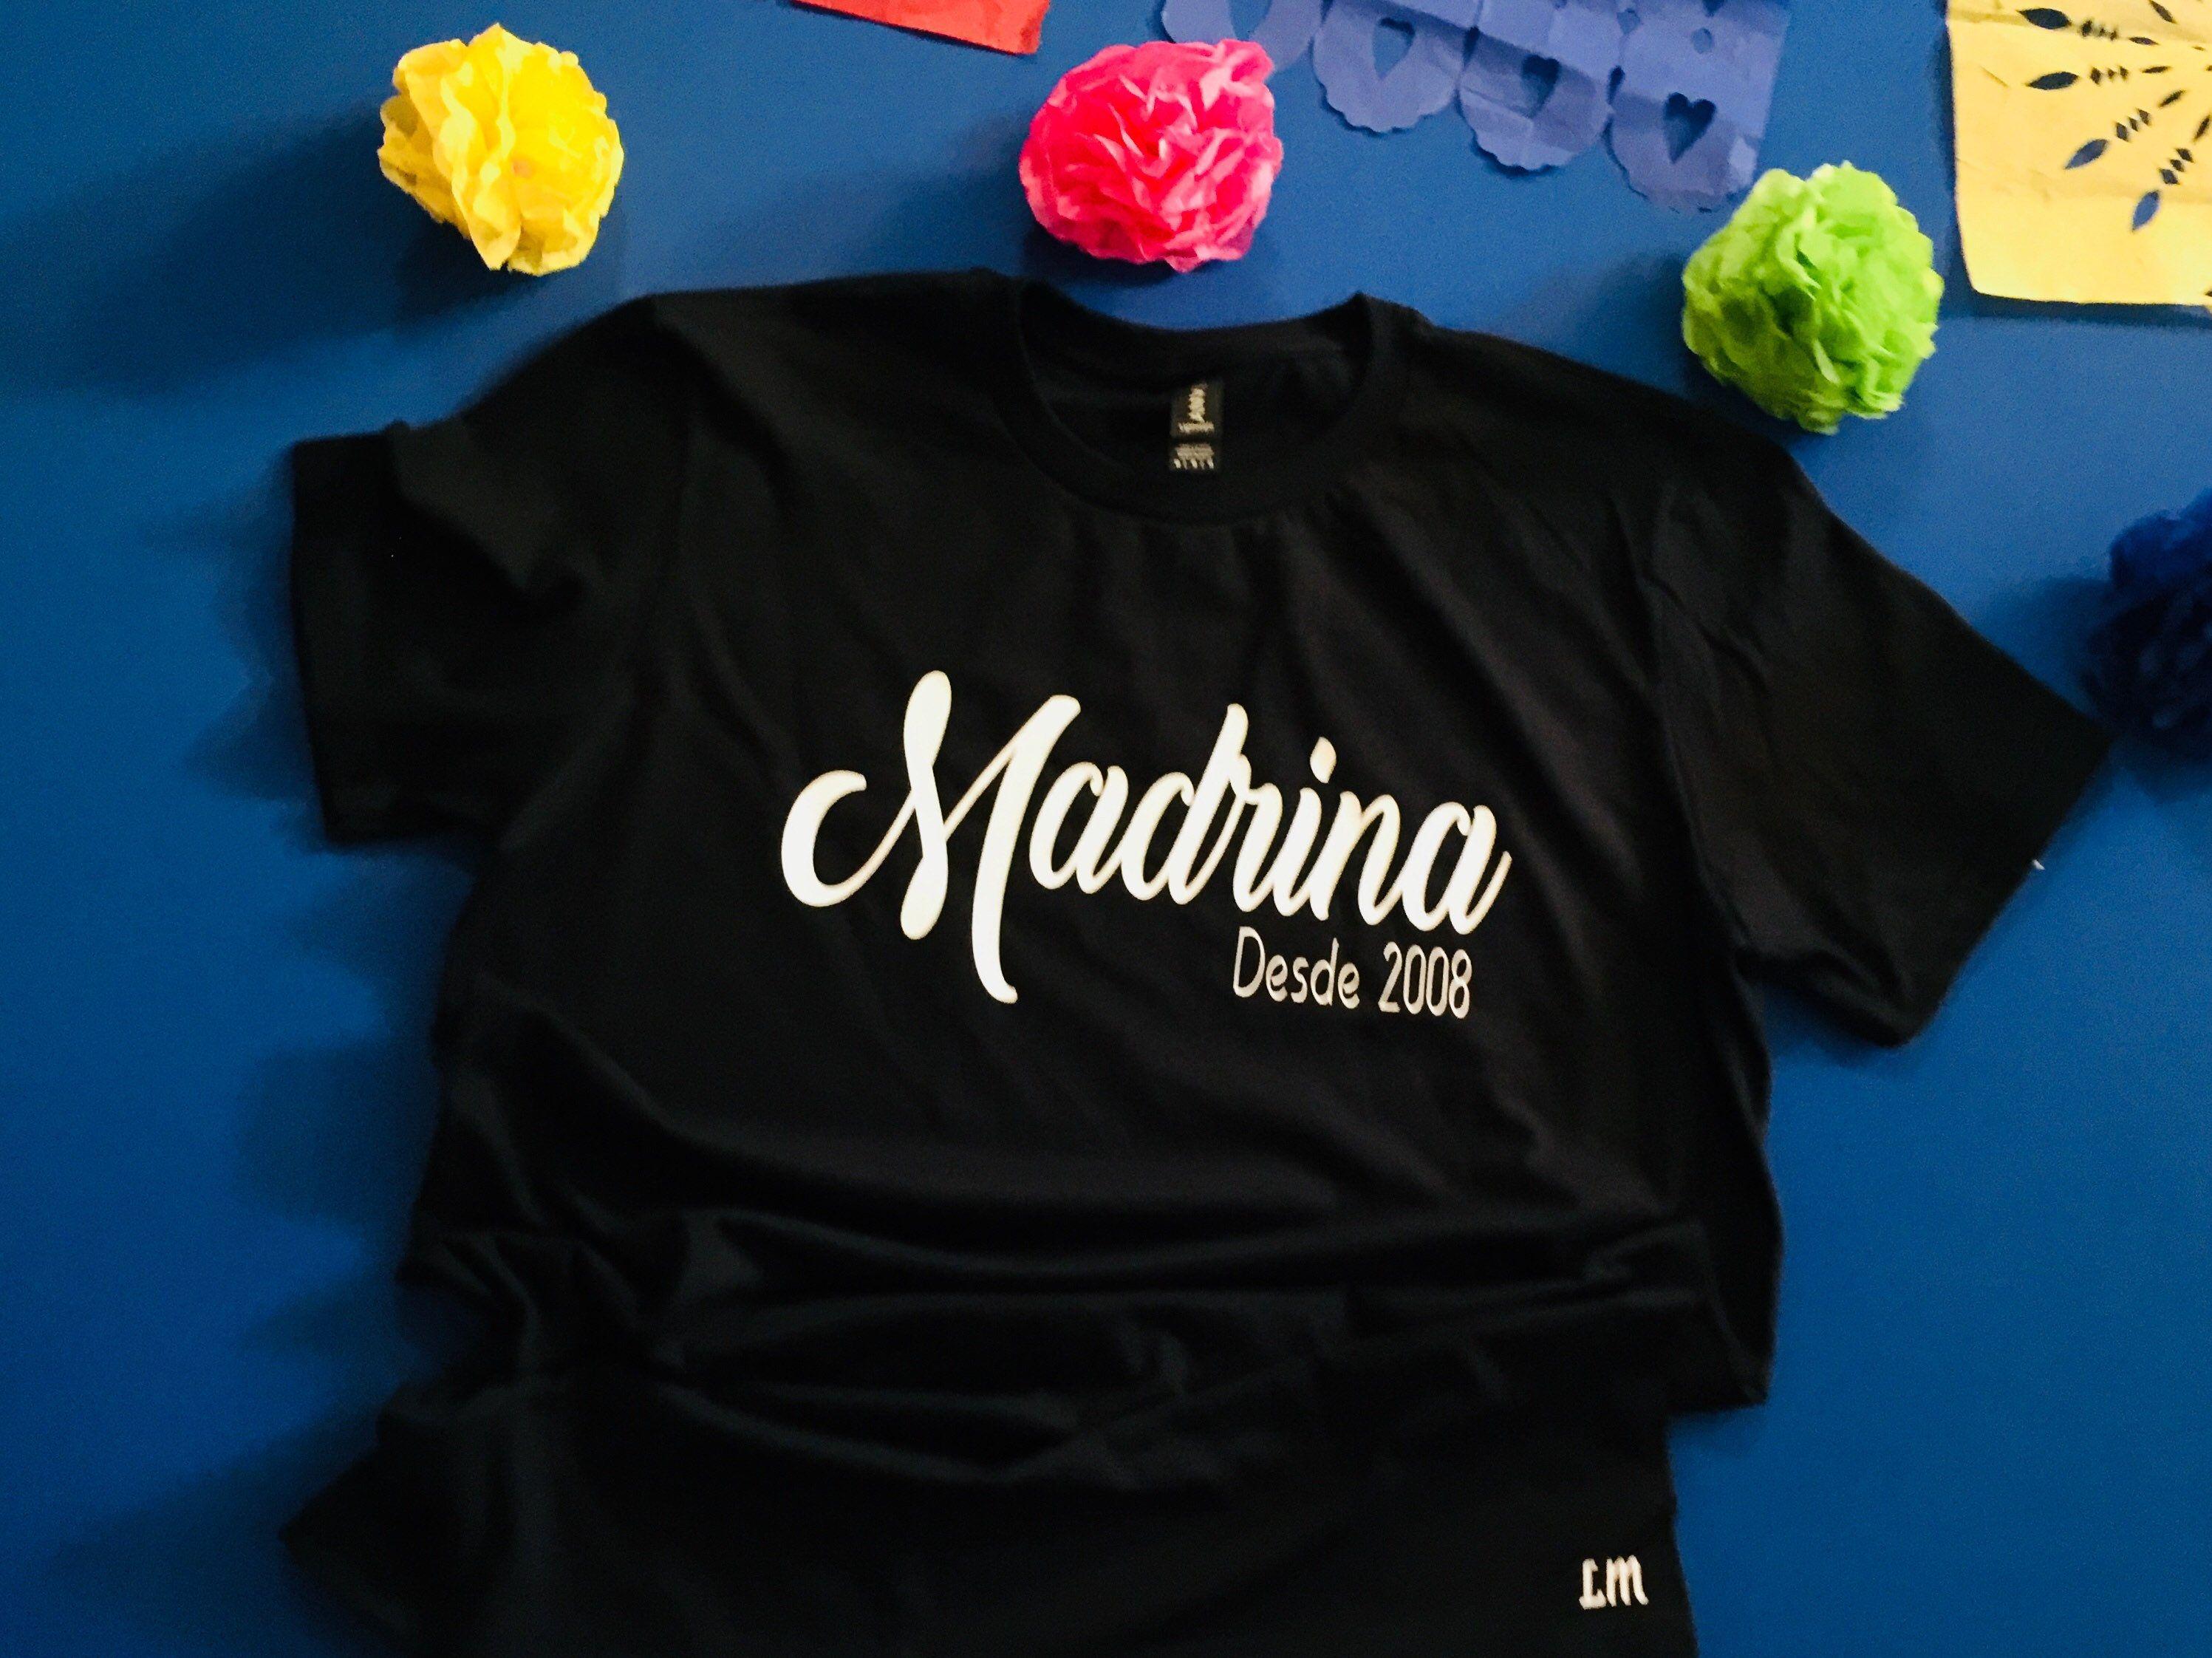 e9e2a6653a77c Mexican shirt,La Madrina shirt, Madrina, Padrino, Bautizo, Boda ...